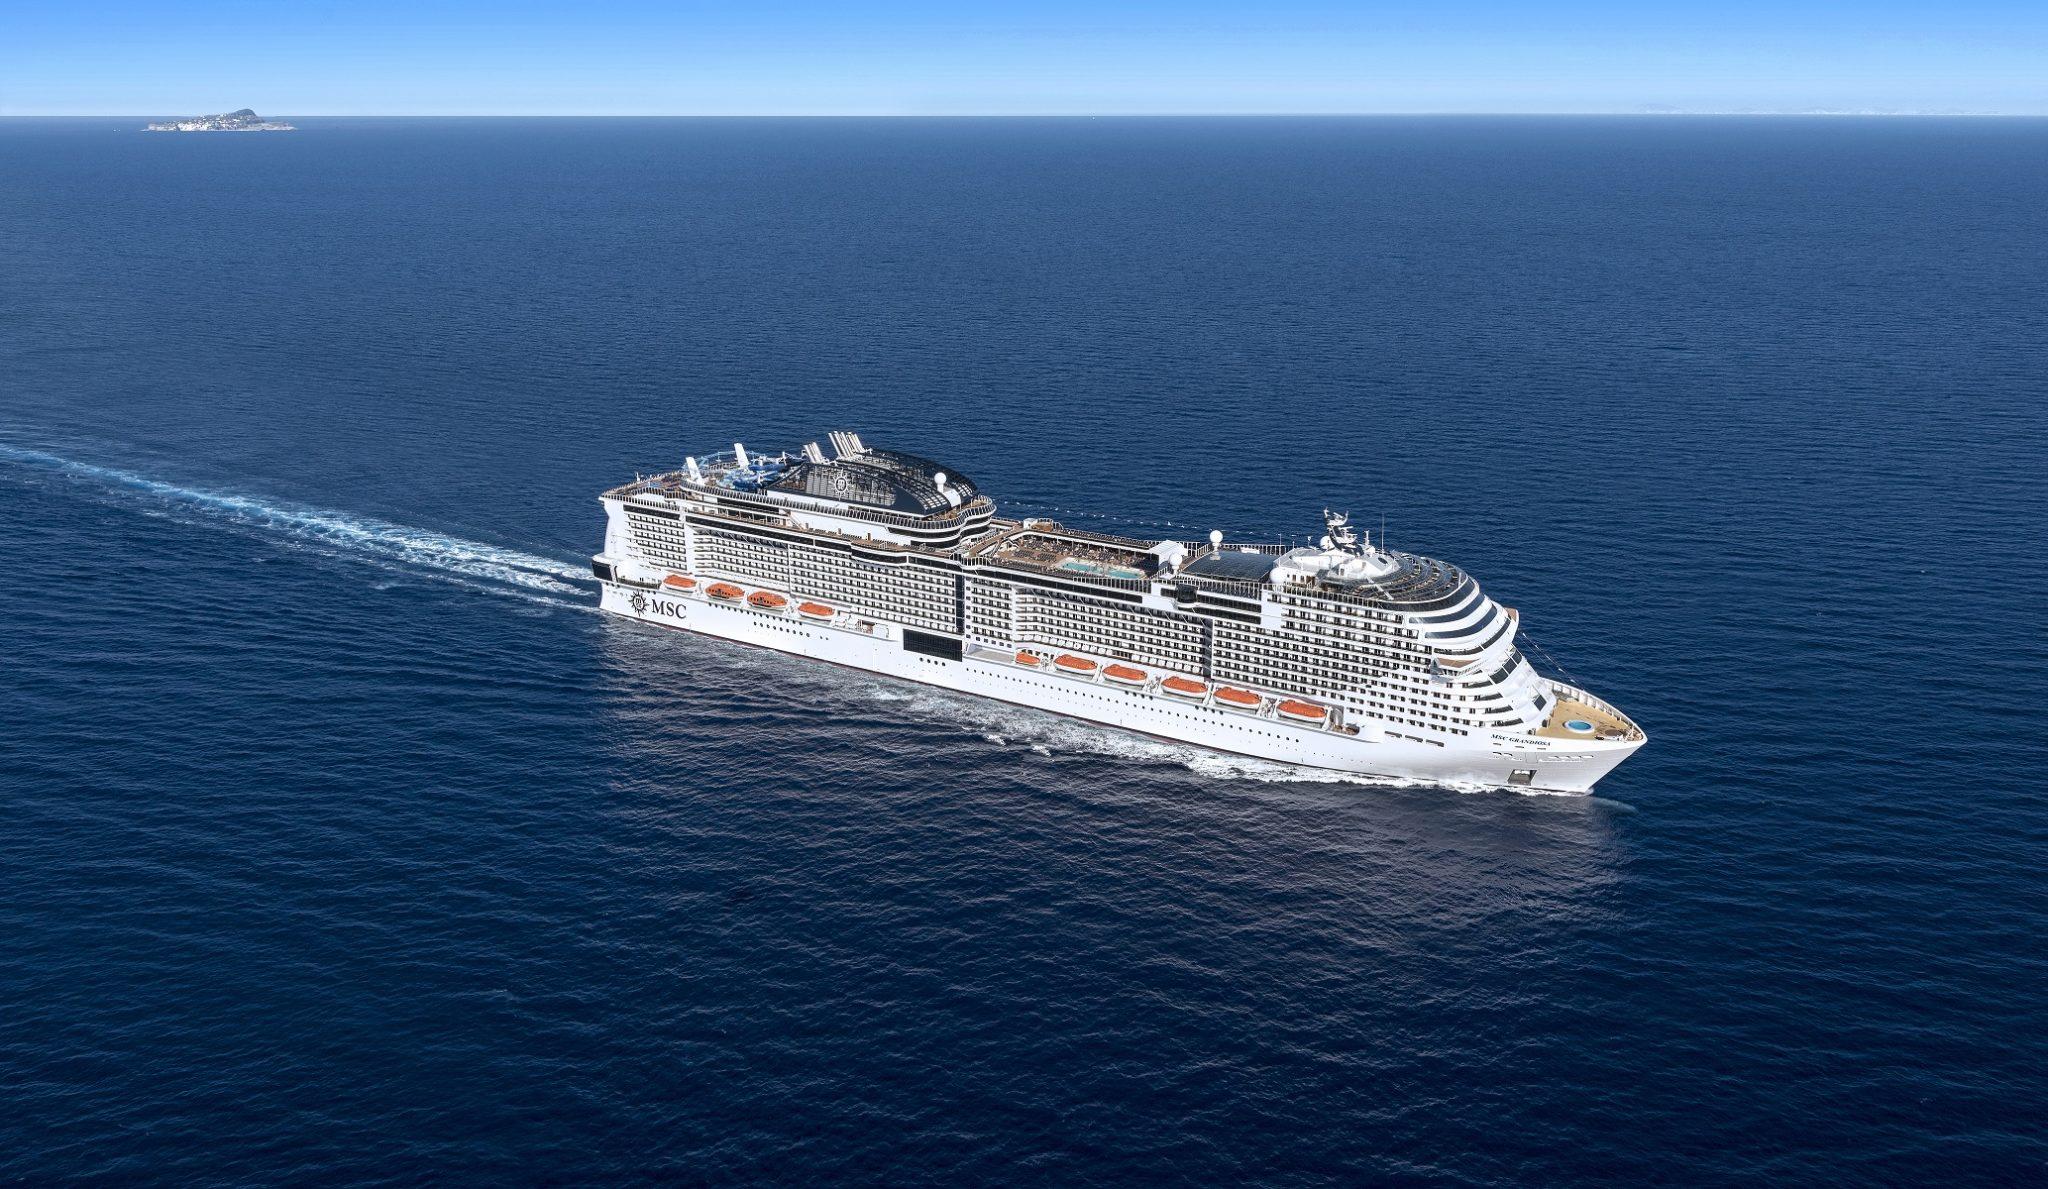 MSC Grandiosa. In arrivo la mega-nave di nuova generazione targata MSC